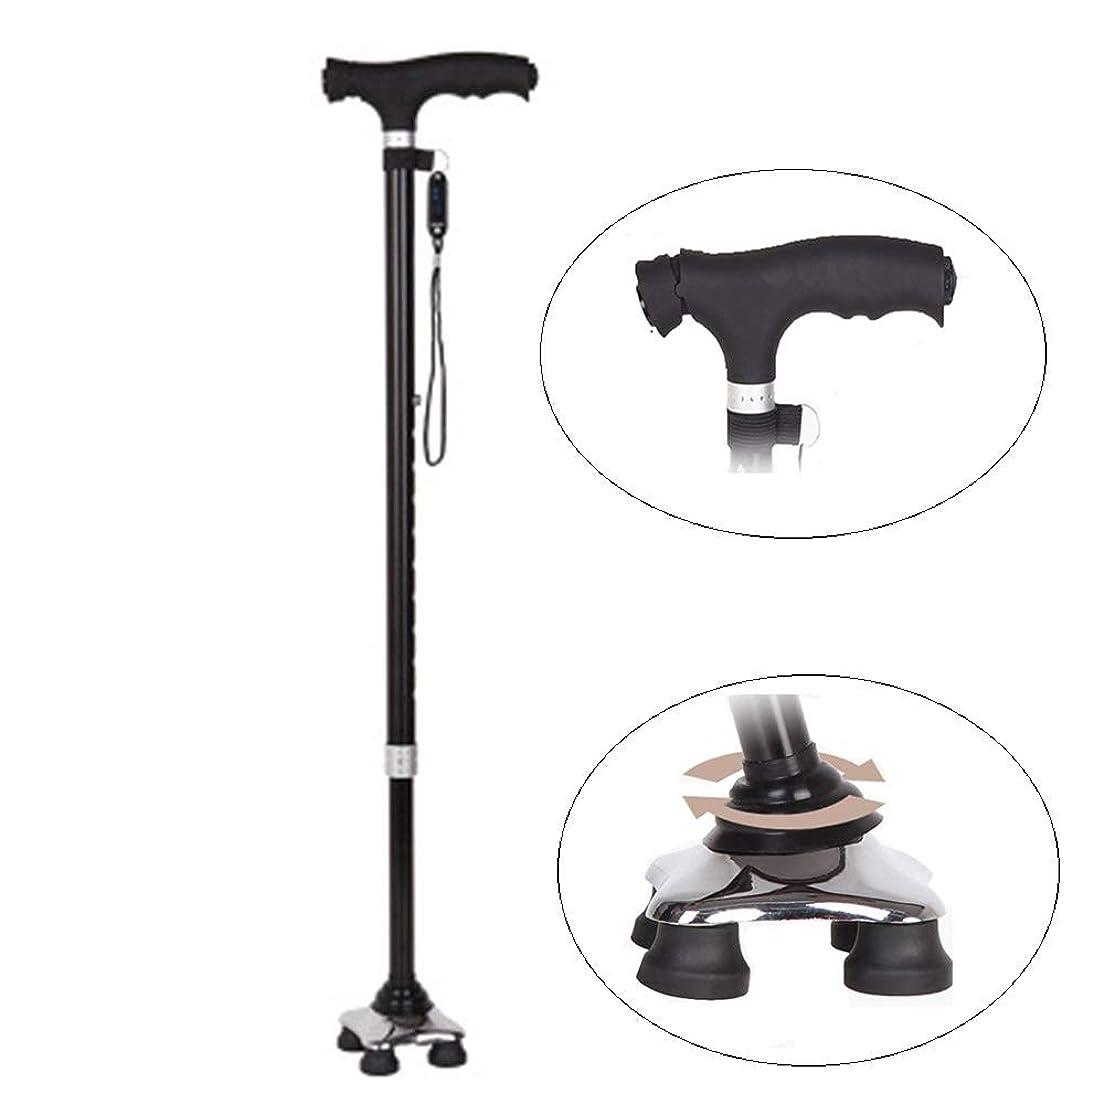 脚完全に内訳Mldeng 杖 4点支持 軽量 ステッキ 伸縮 つえ 10段階調節 自立 多点杖 アルミ製 歩行補助 ストラップ 黒い